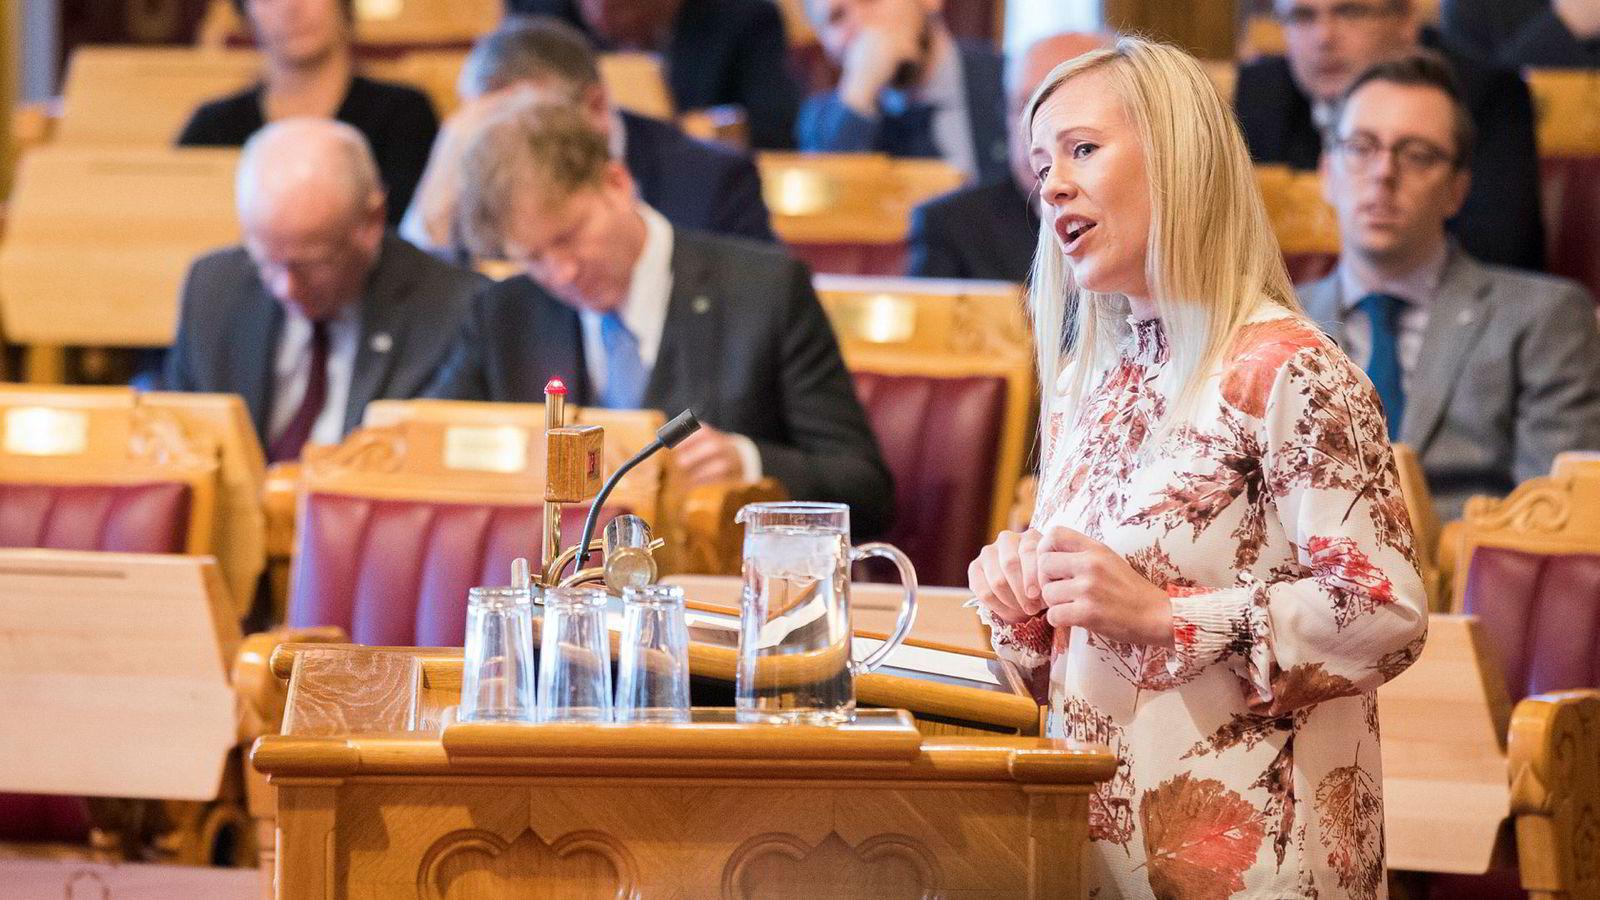 Lene Vågslid (Ap) kritiserer justisminister Tor Mikkel Wara (Frp) og mener justisbudsjettet vil svekke rettssikkerheten.